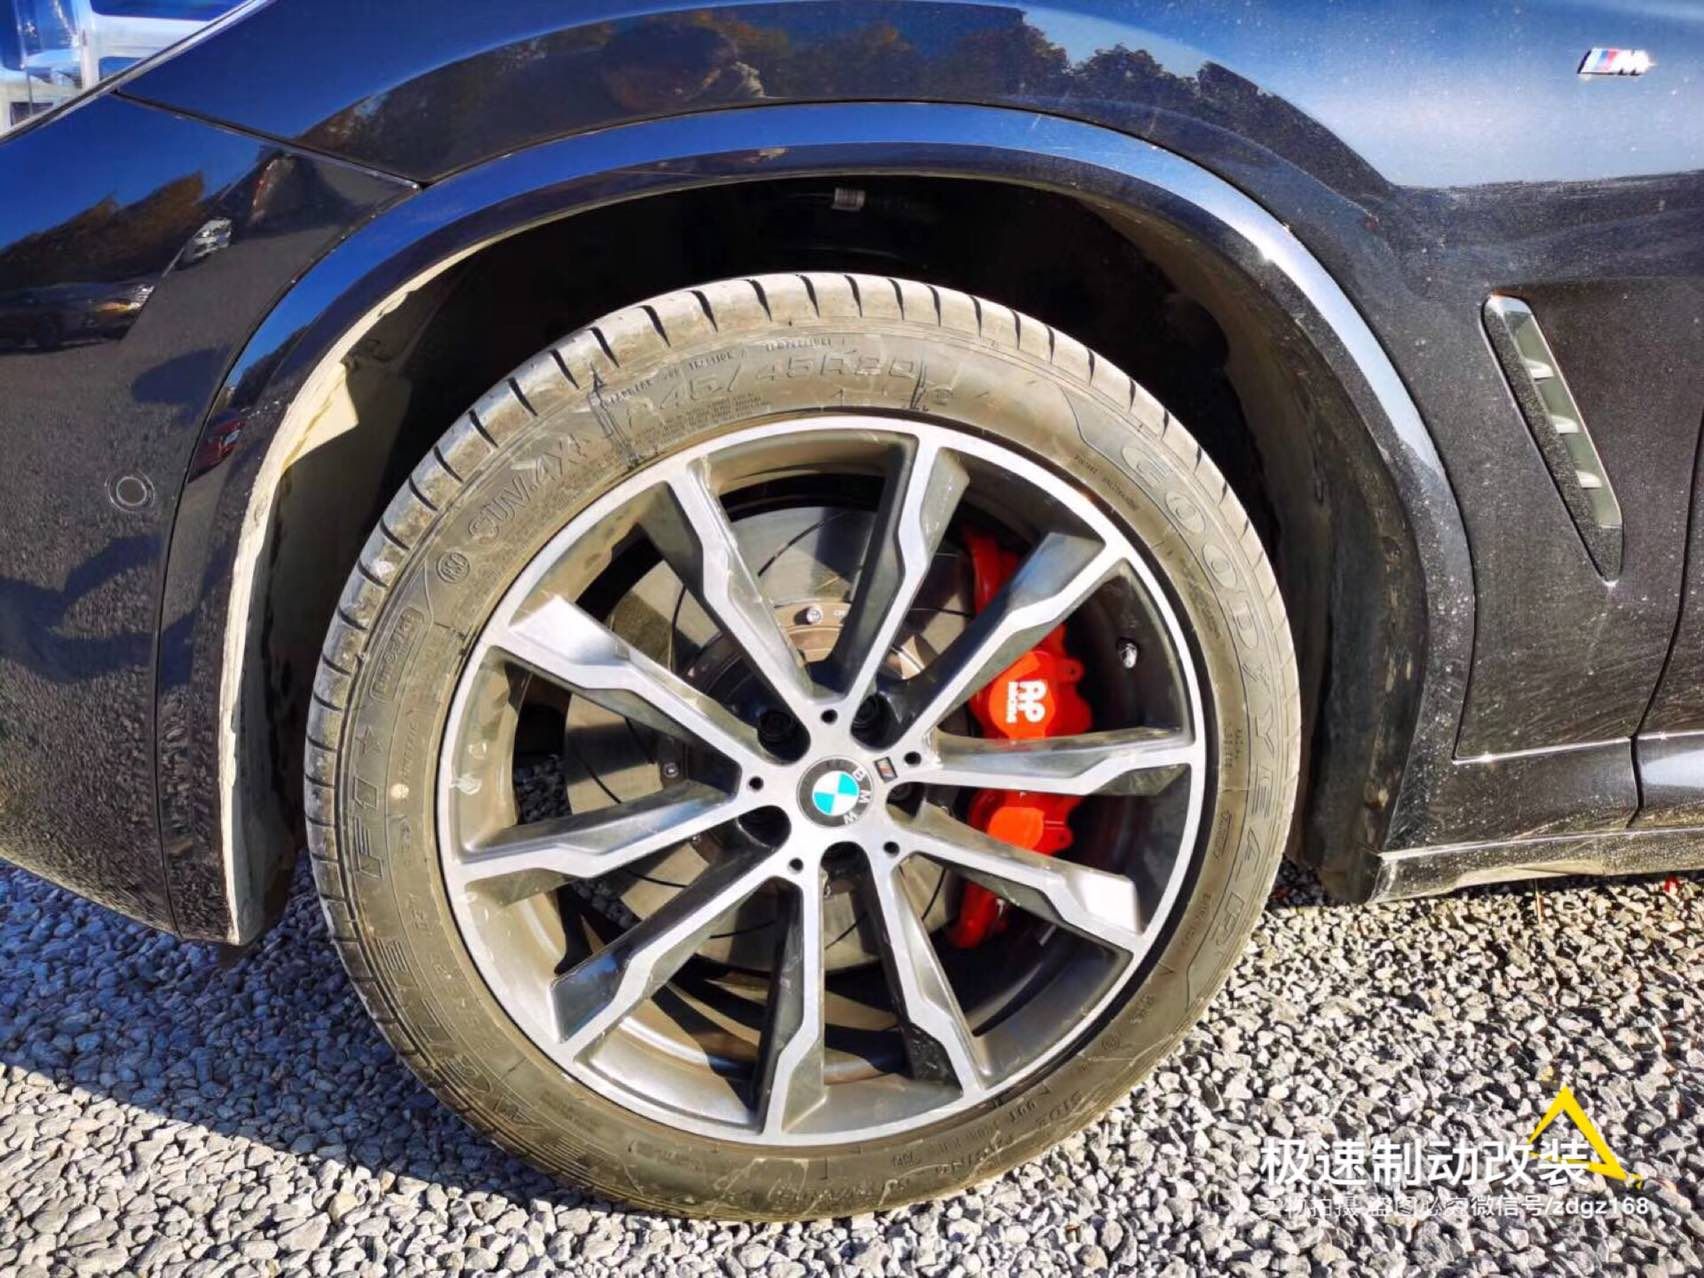 2020款宝马X3刹车升级AP8521大六刹车套装[胜利],上车轮毂饱满!制动效果更灵敏